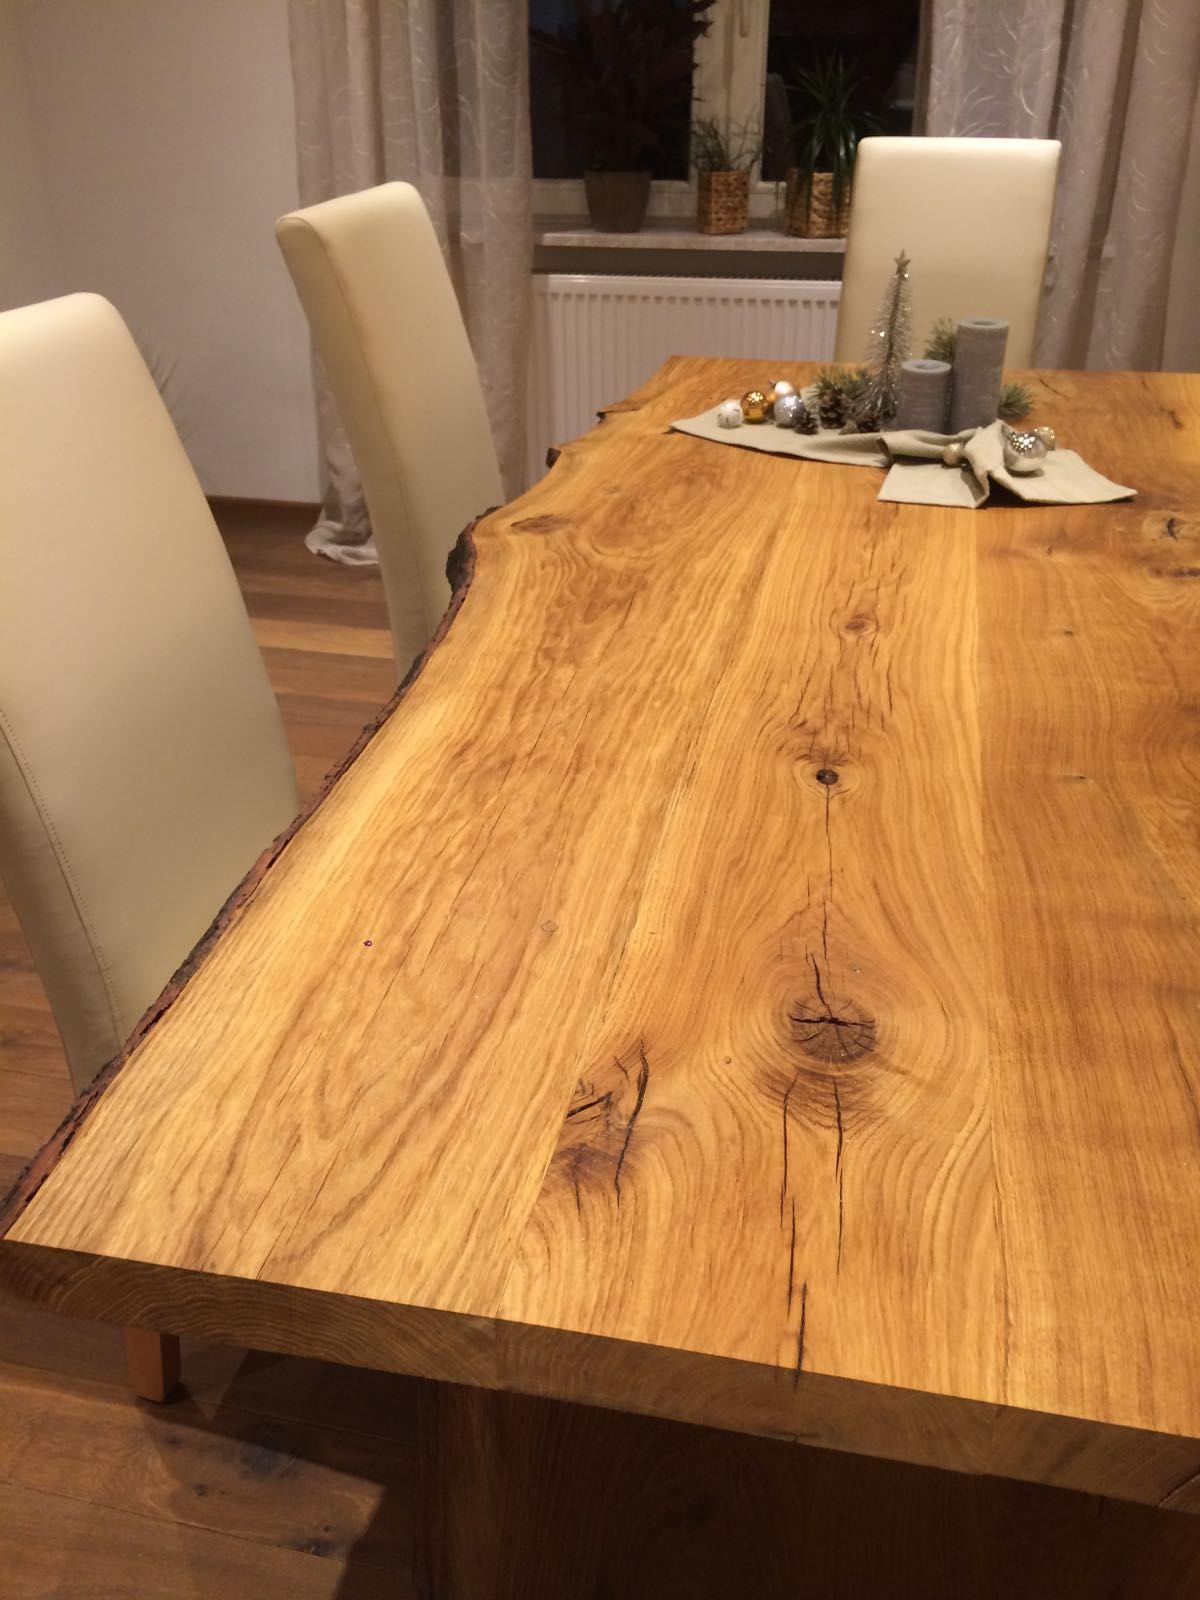 Esstisch aus Eichenholz, mit Baumkante, massiv, geölt